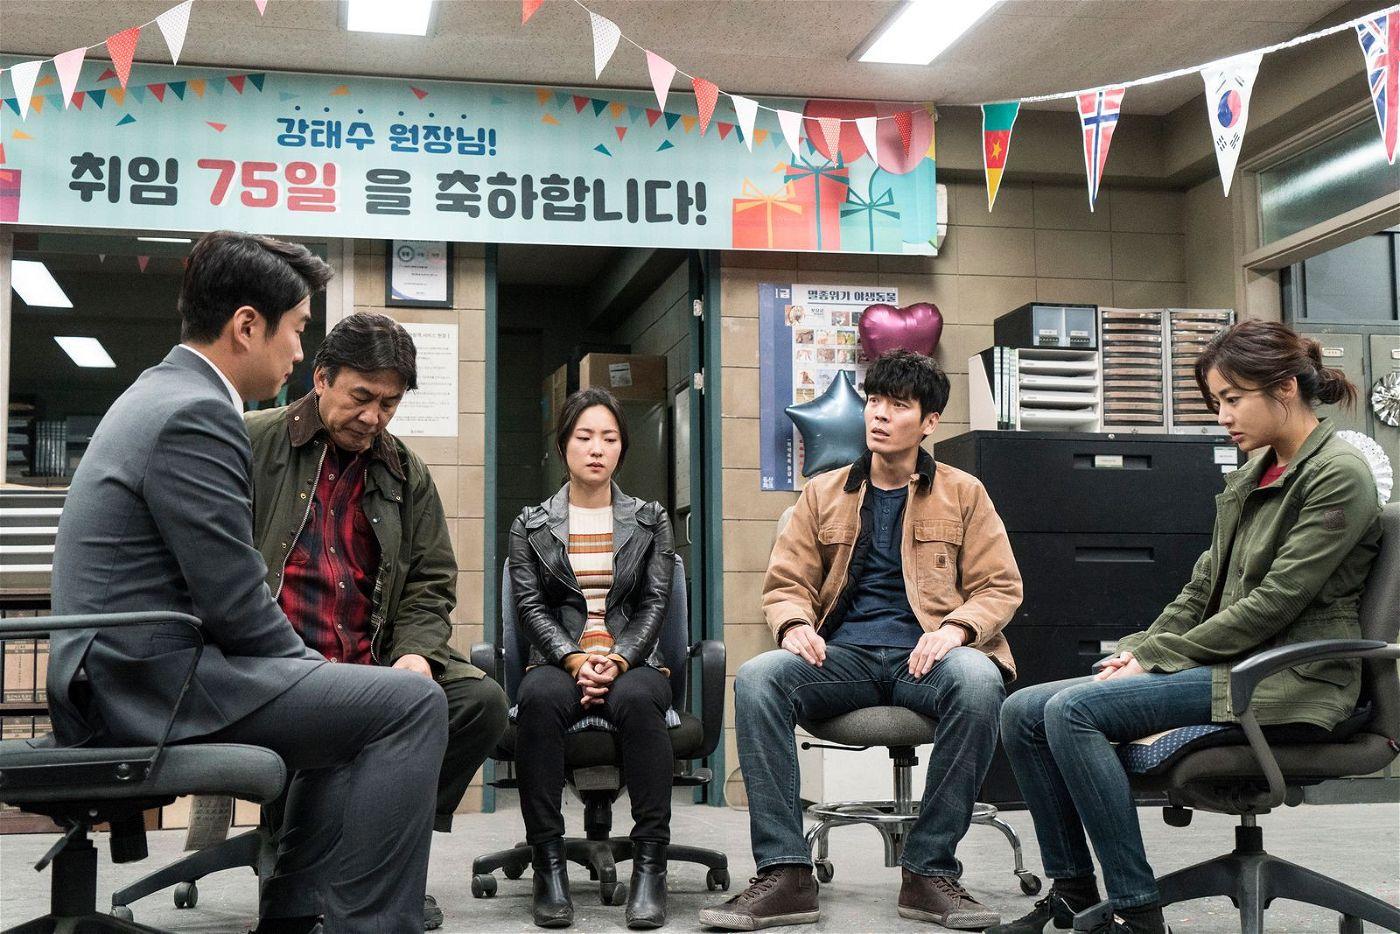 Direktor Tae-soo (Ahn Jae-hong) überlegt mit seinen Mitarbeitern Seo (Park Young-kyu), Hye-kyung (Jeon Yeo-been), Gun-wook (Kim Sung-oh) und So-won (So-ra Kang, von links), wie der Zoo gerettet werden kann.